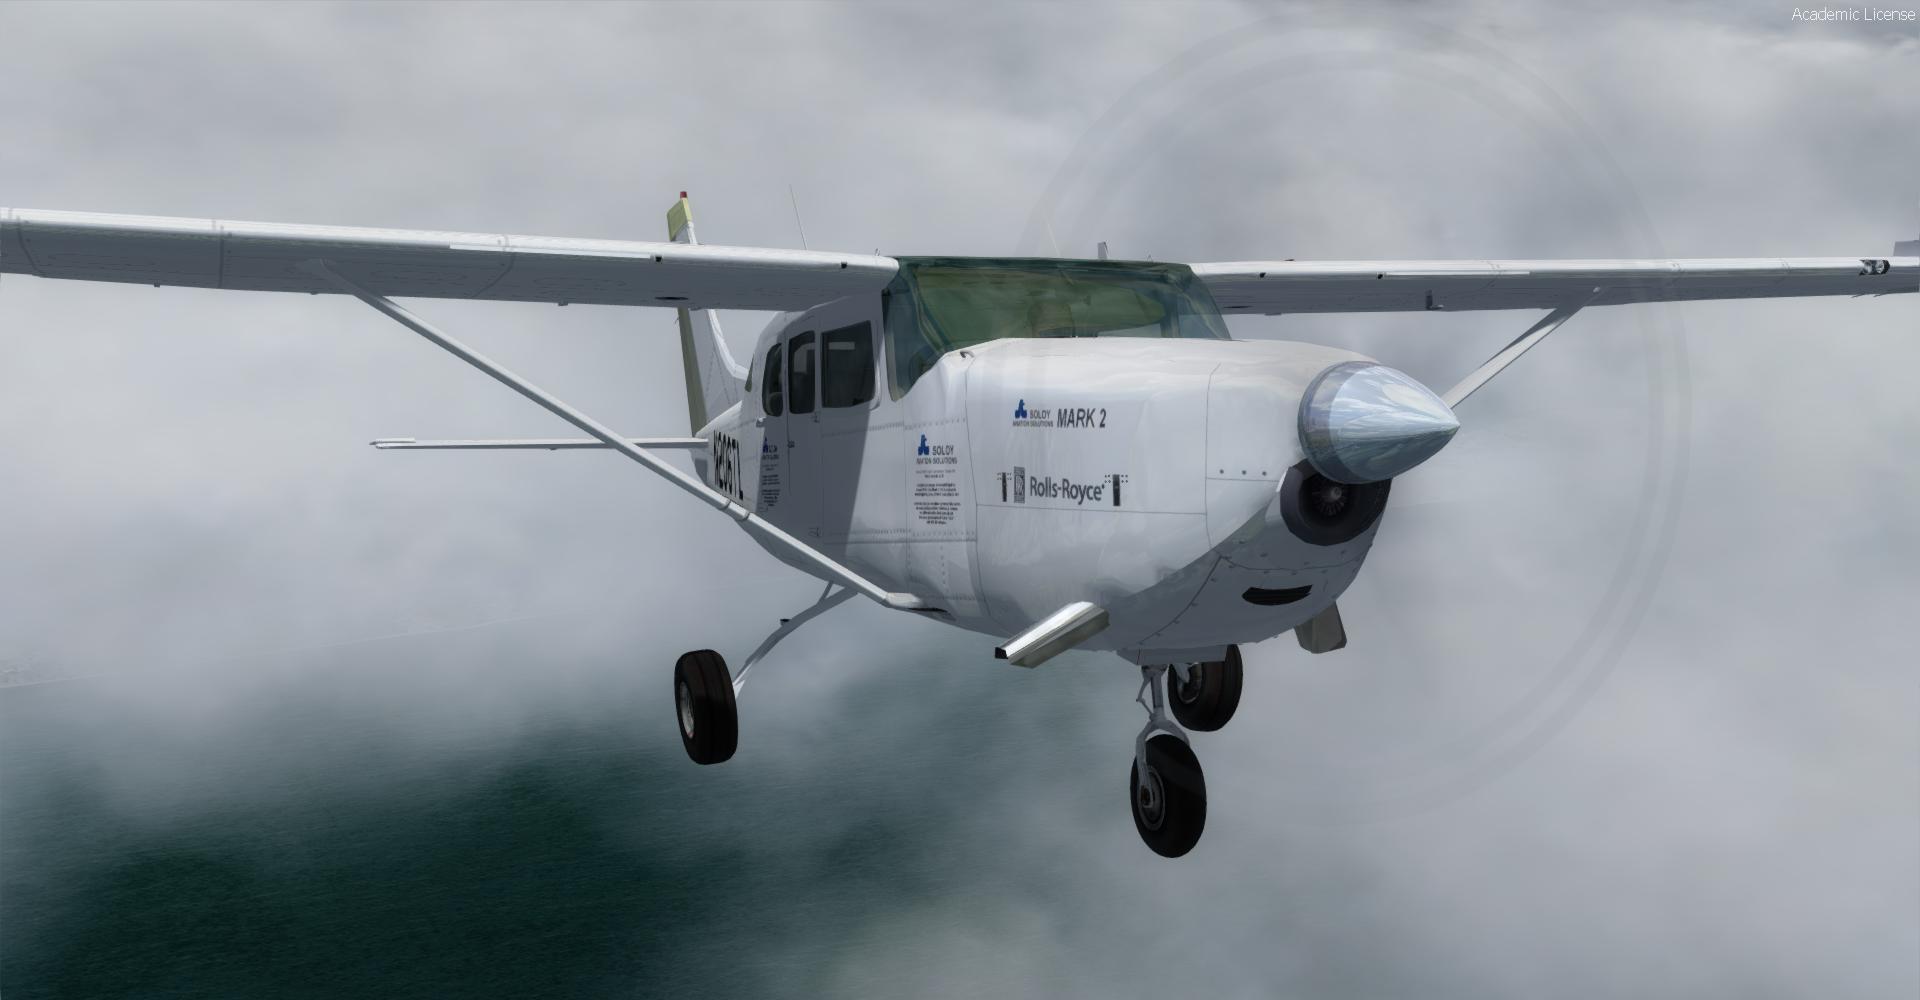 Cessna T206H Soloy FSX/P3D Cessna_T206H_Soloy_Turbine_Pac_Mark_2_FSX_P3D_s2